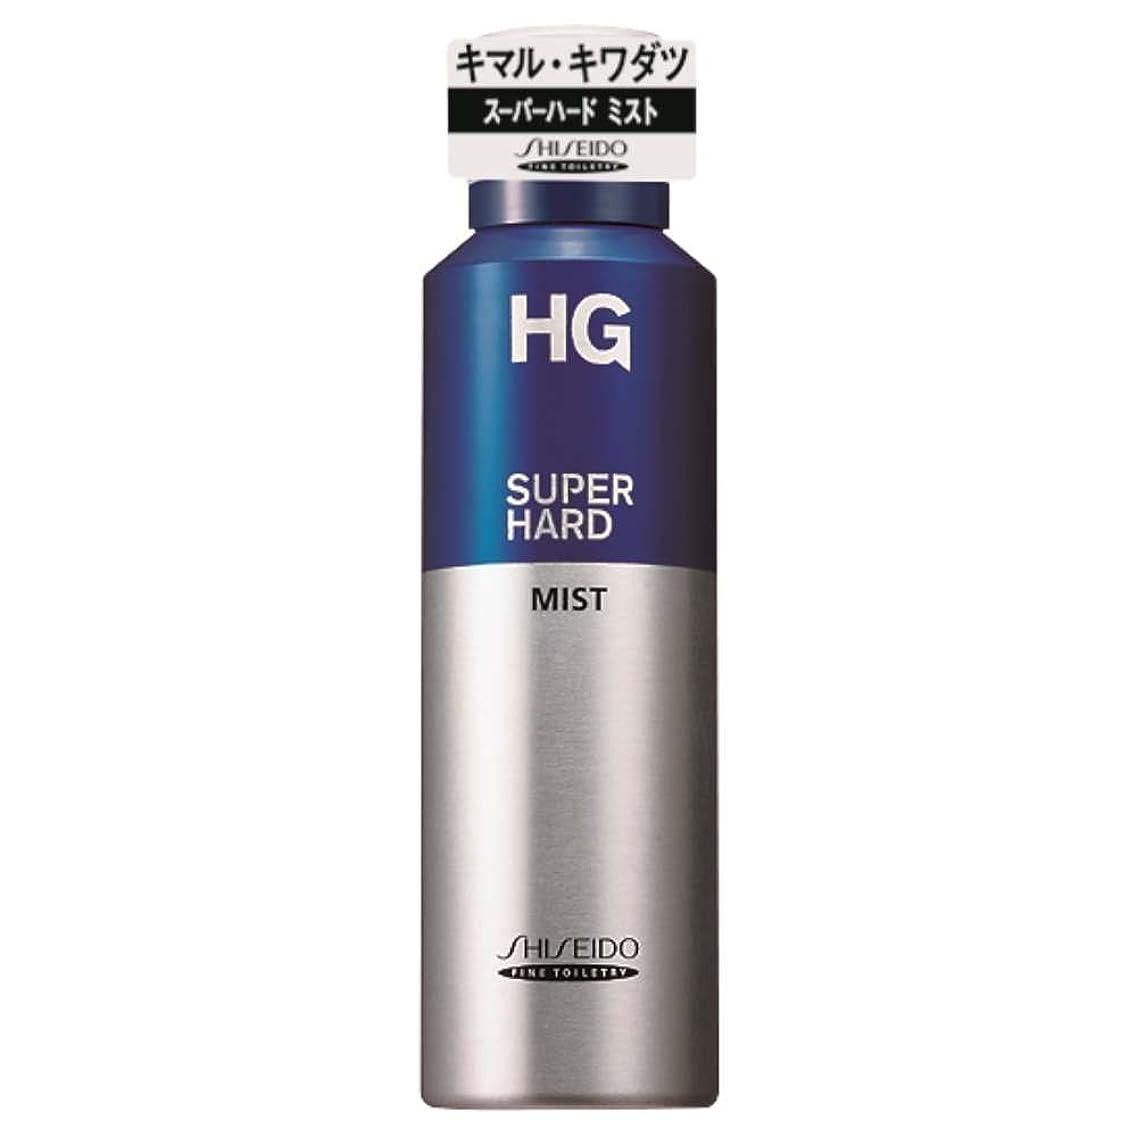 オリエンタルわかりやすいブラウザHG スーパーハードミストa 【HTRC3】